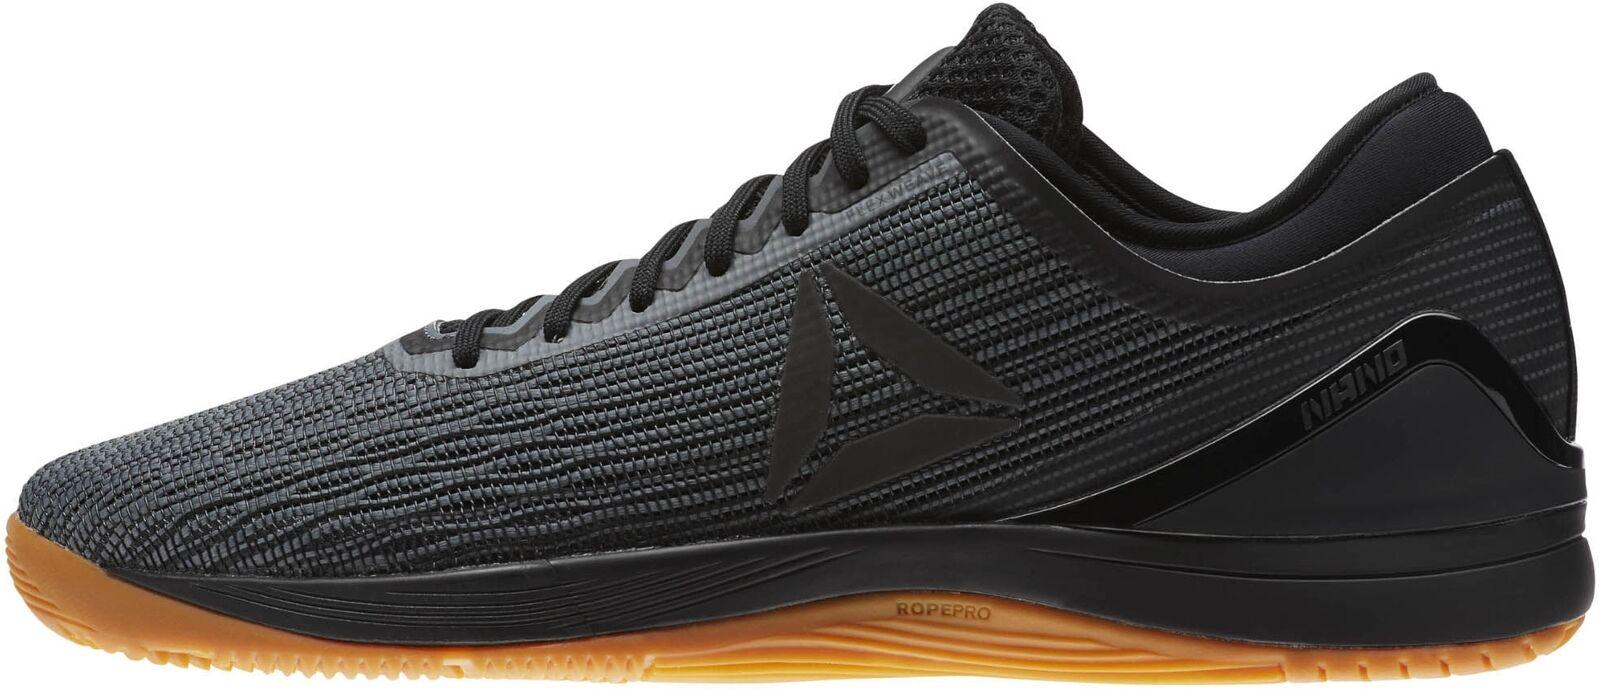 Reebok Crossfit Nano 8 Zapatos de entrenamiento para hombre flexweave Negro Gimnasio Entrenamiento Zapatillas